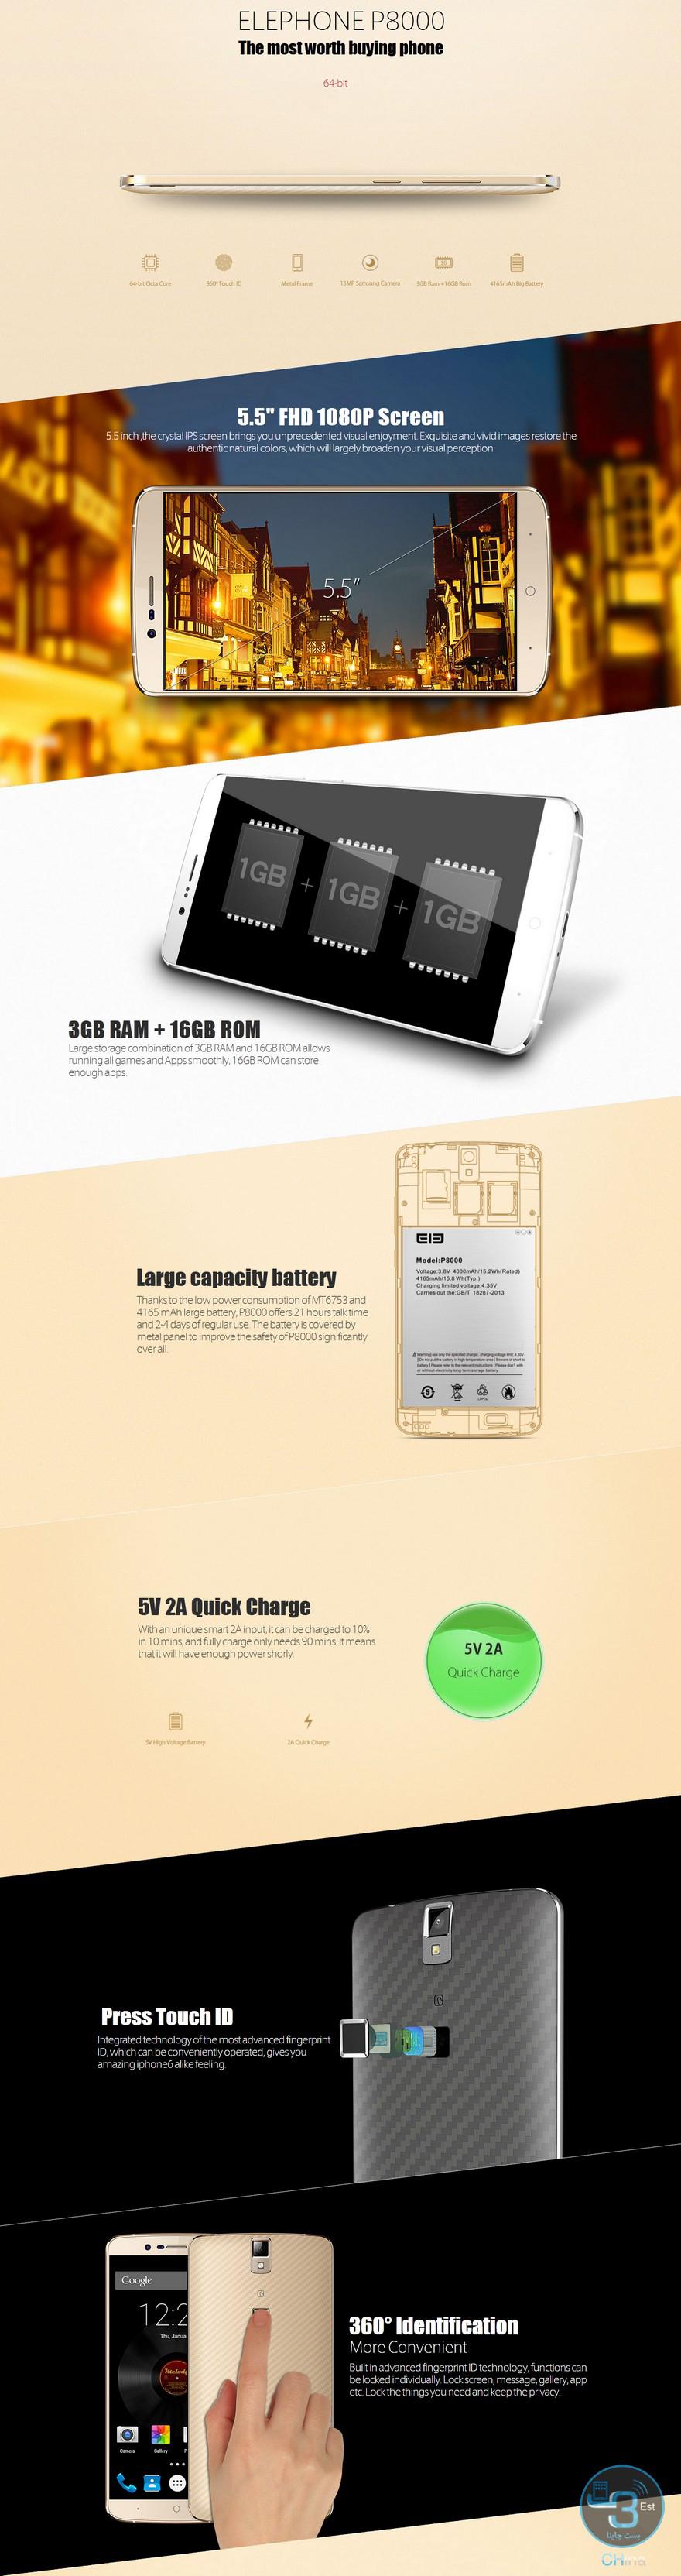 elephone p8000 (01)